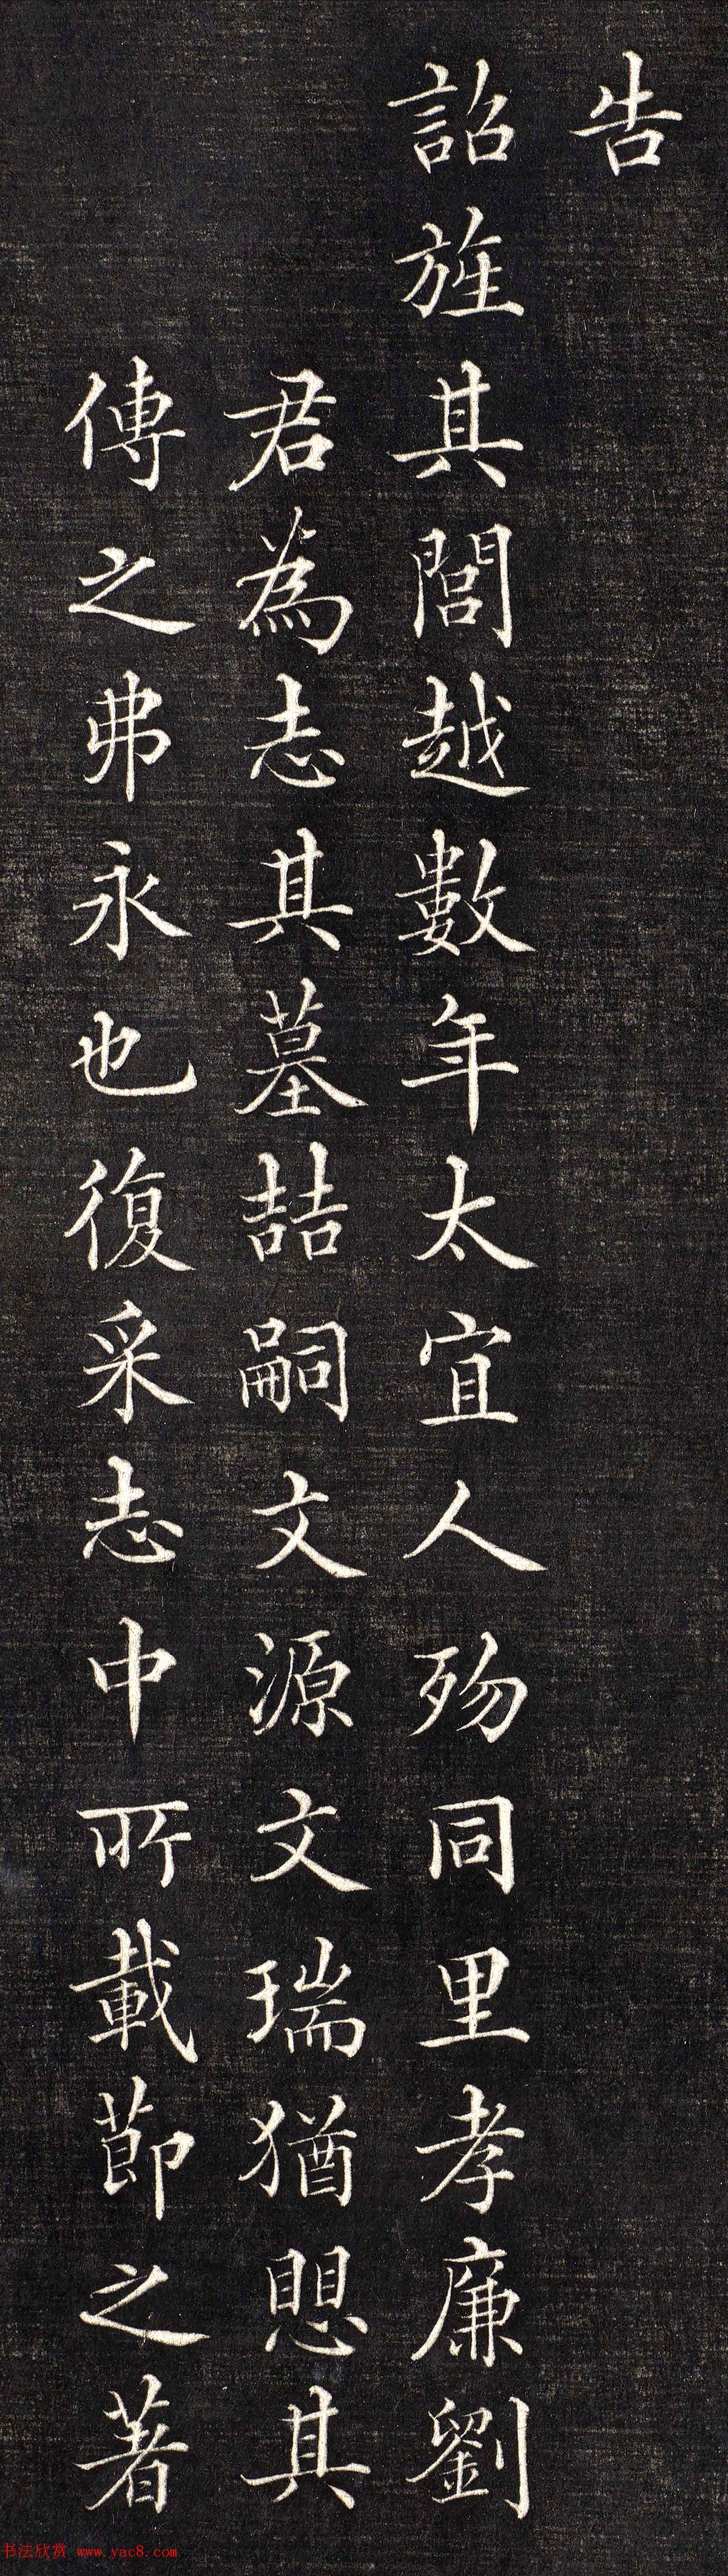 知县胡勋裕小楷欣赏《节孝图颂并序》高清大图